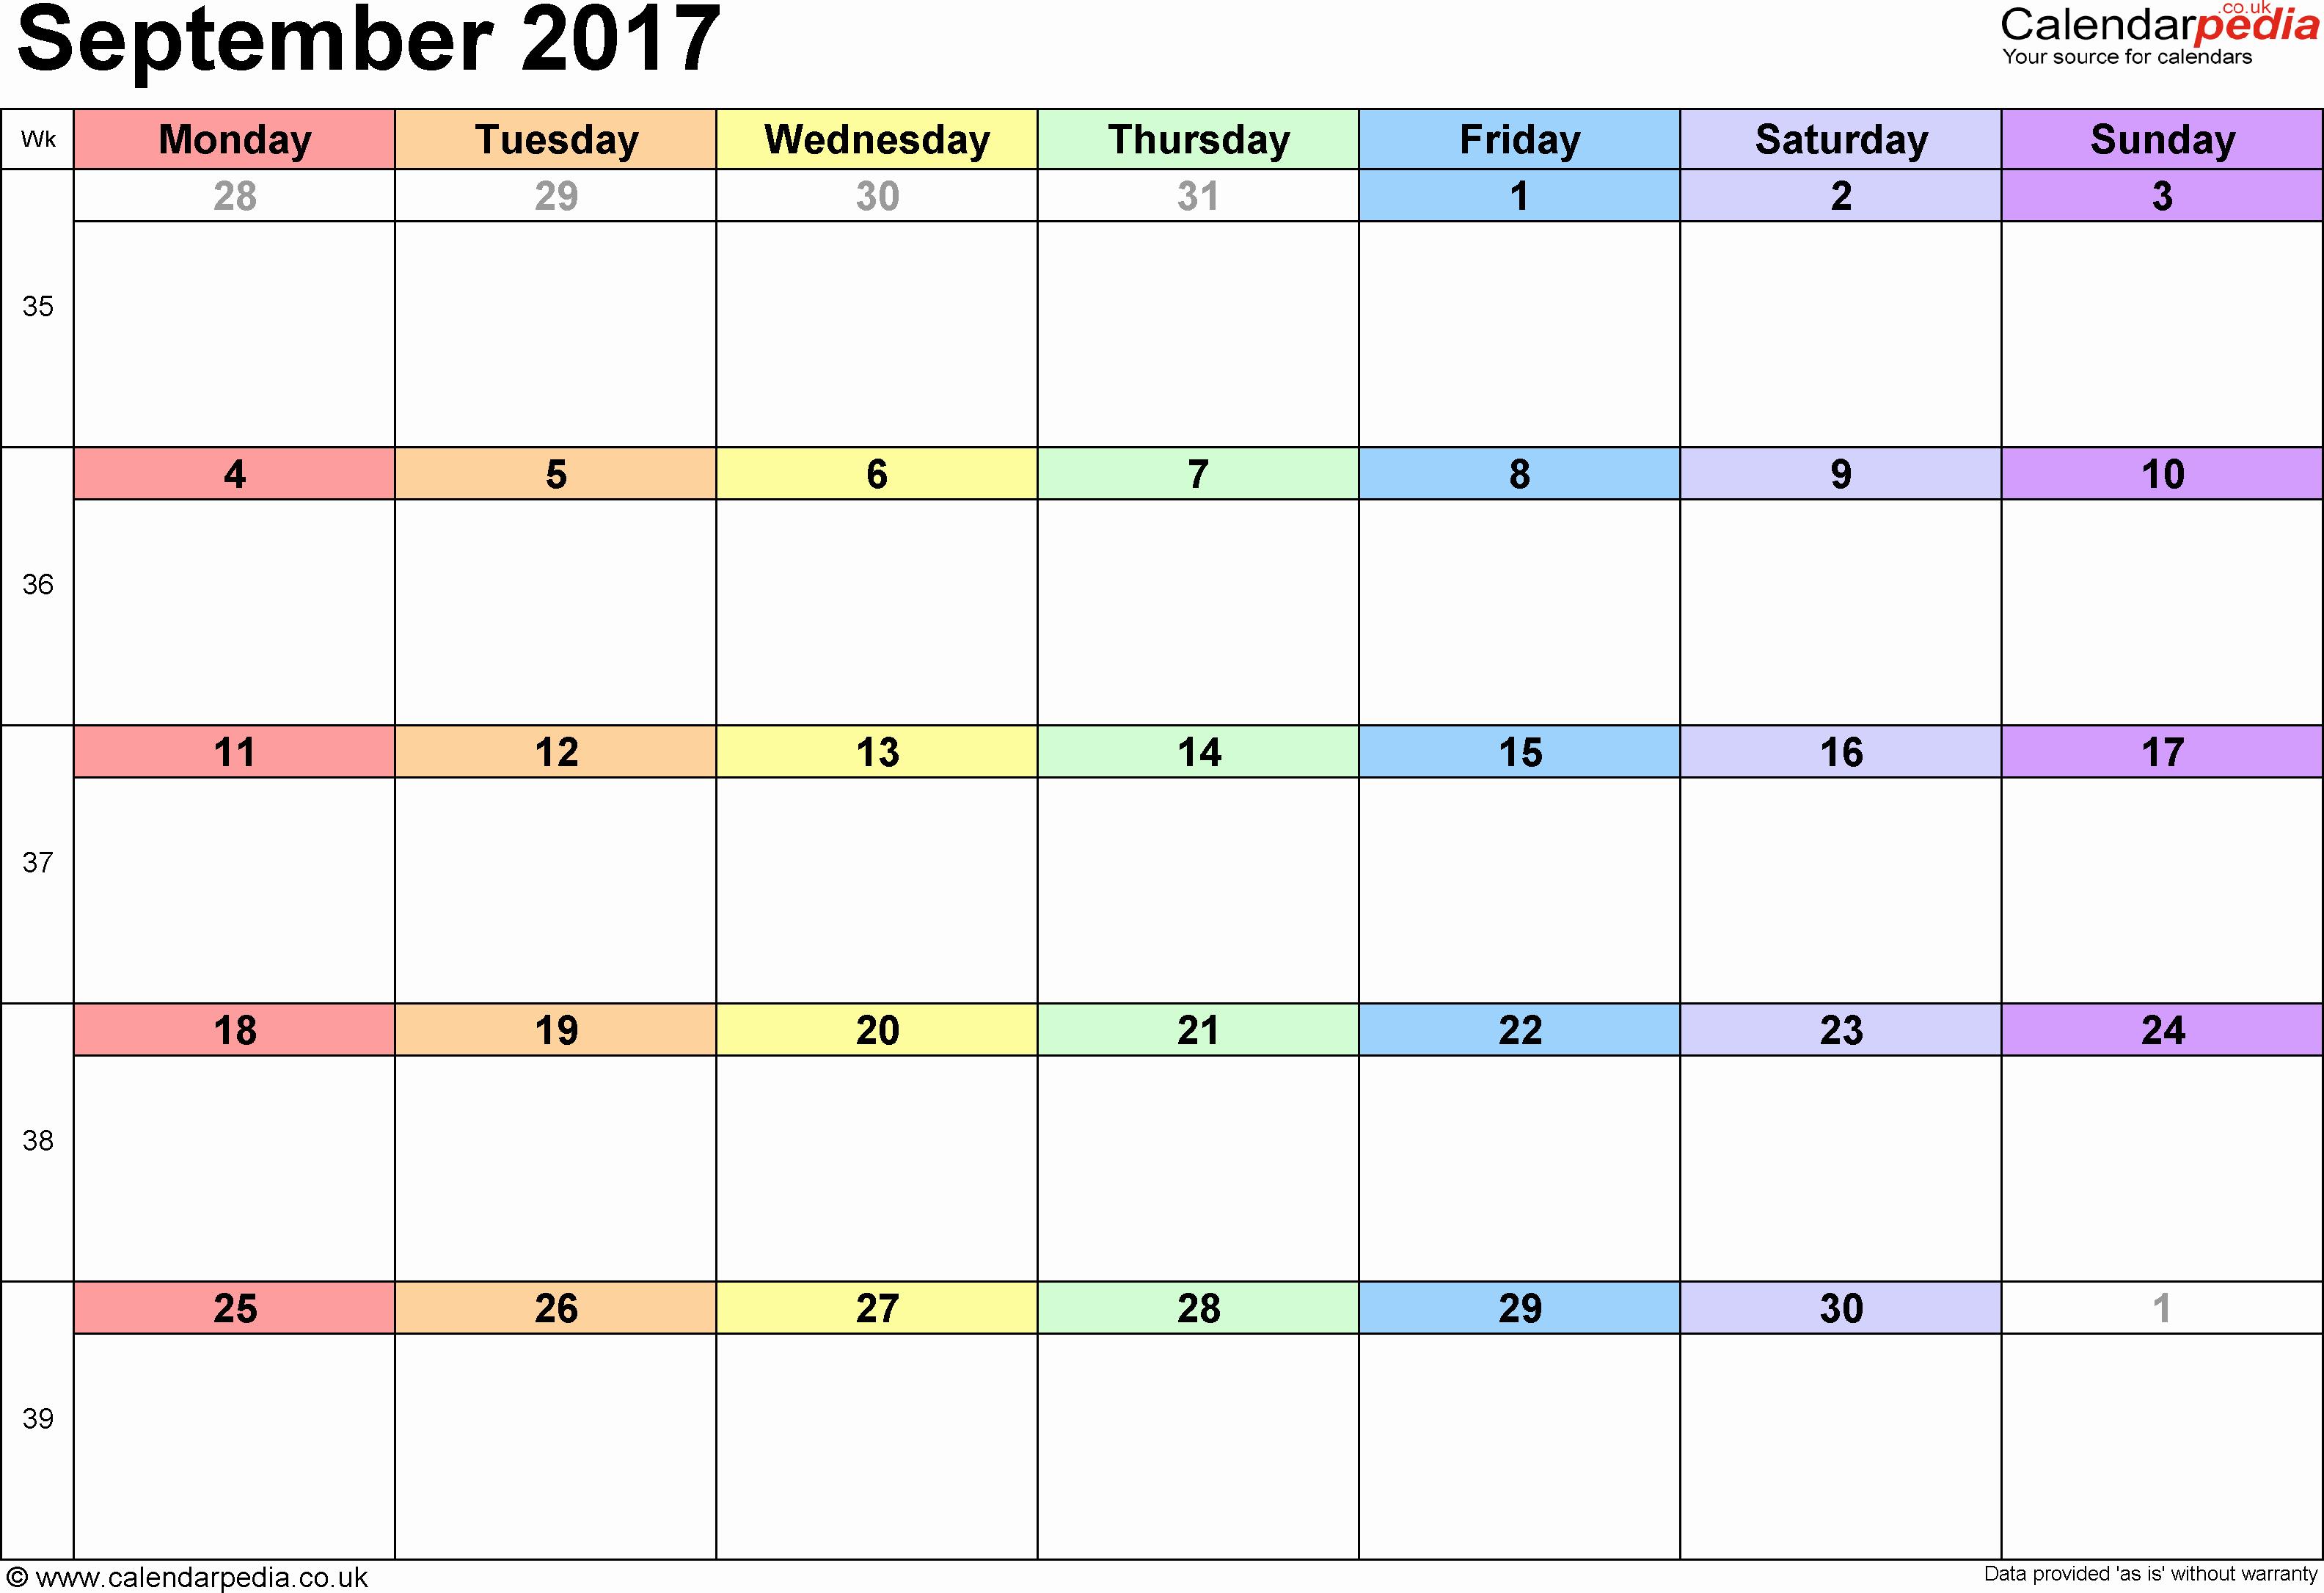 Excel Calendar Schedule Template Fresh September 2017 Calendar Excel